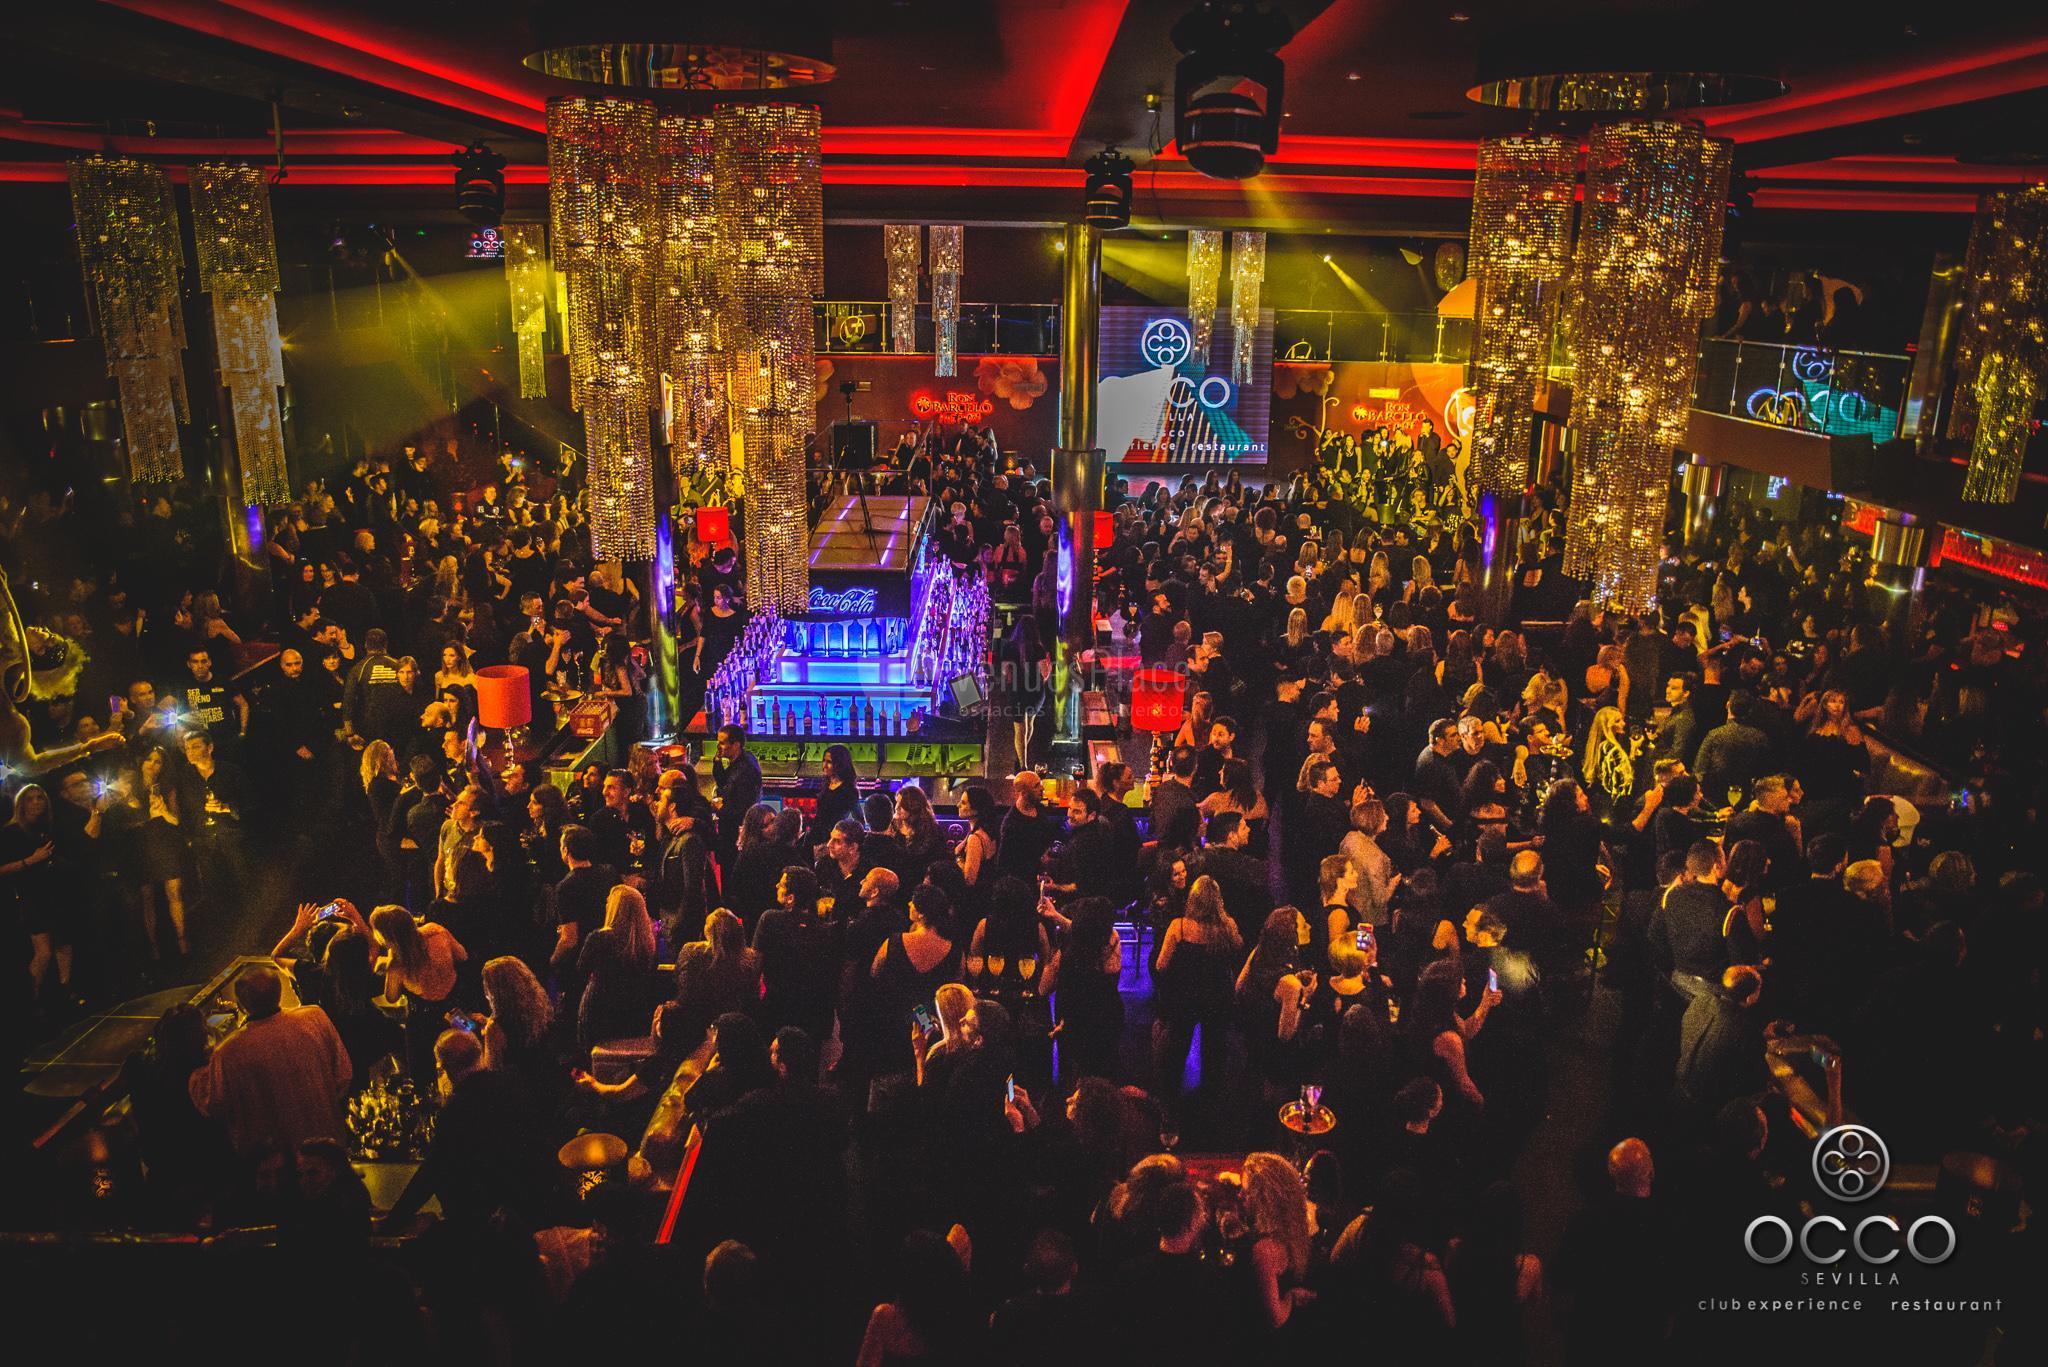 salas de fiesta para fiestas privadas en provincia de